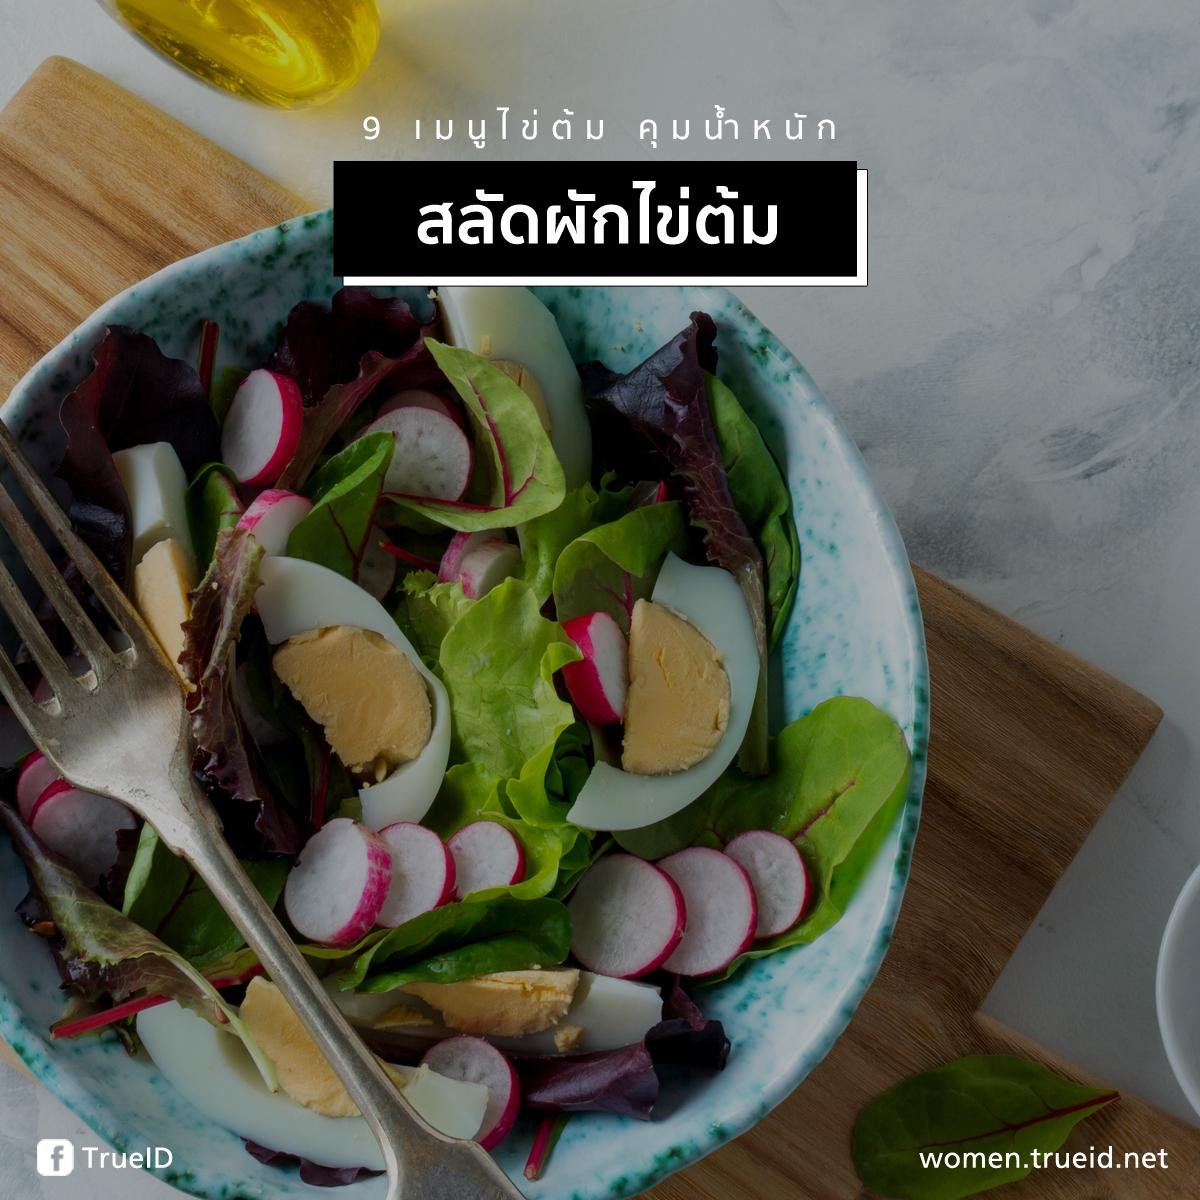 9 เมนูไข่ต้ม คุมน้ำหนัก อาหารสุขภาพง่ายๆ กินแล้วไม่มีพุง!